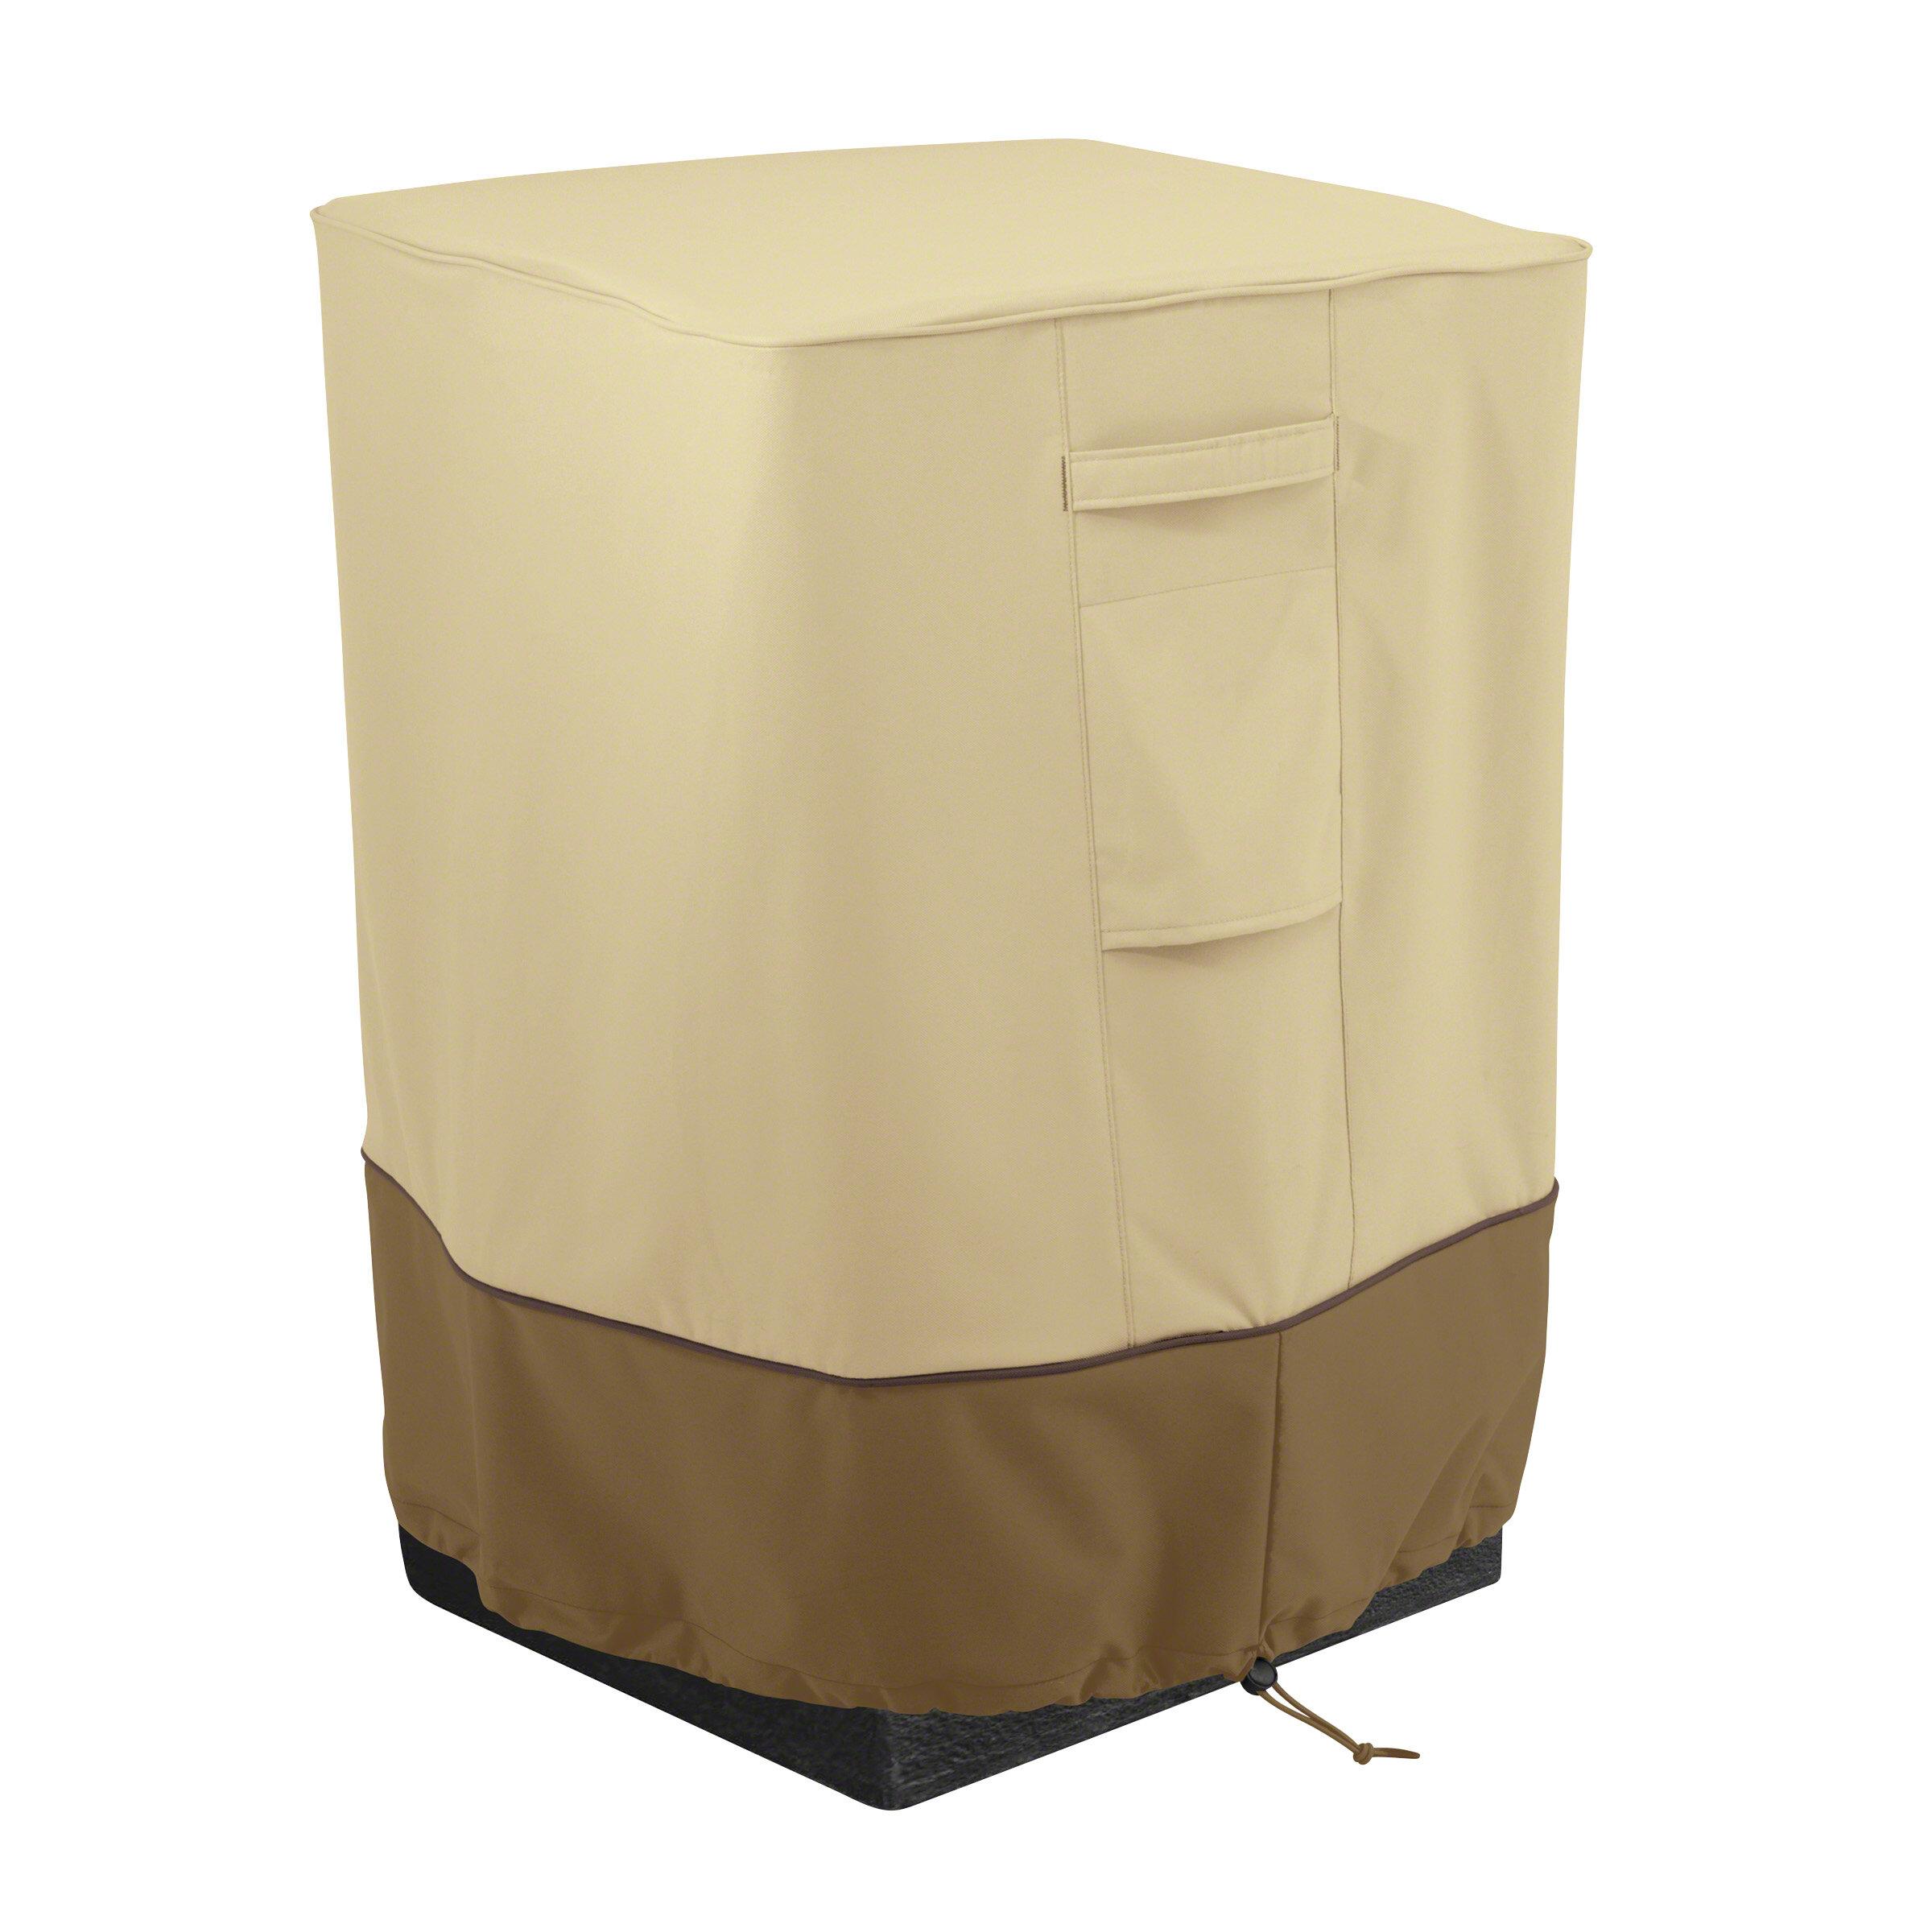 Red Barrel Studio Water Resistant Patio Heater Cover   Wayfair